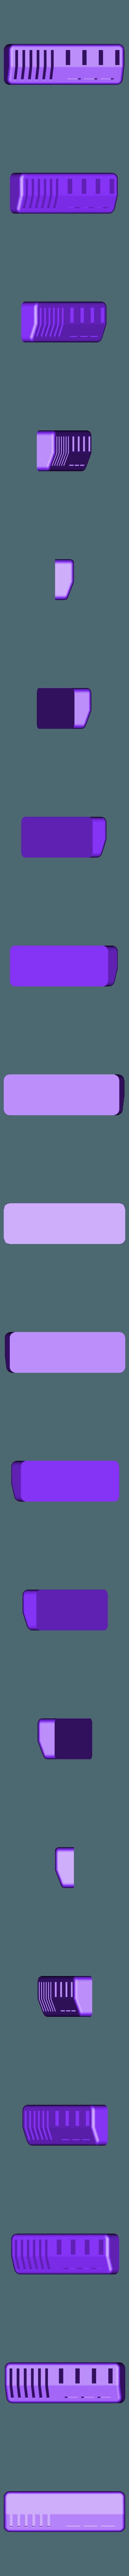 09d89a09 78c1 4277 9d20 c1cb6dda4b8e